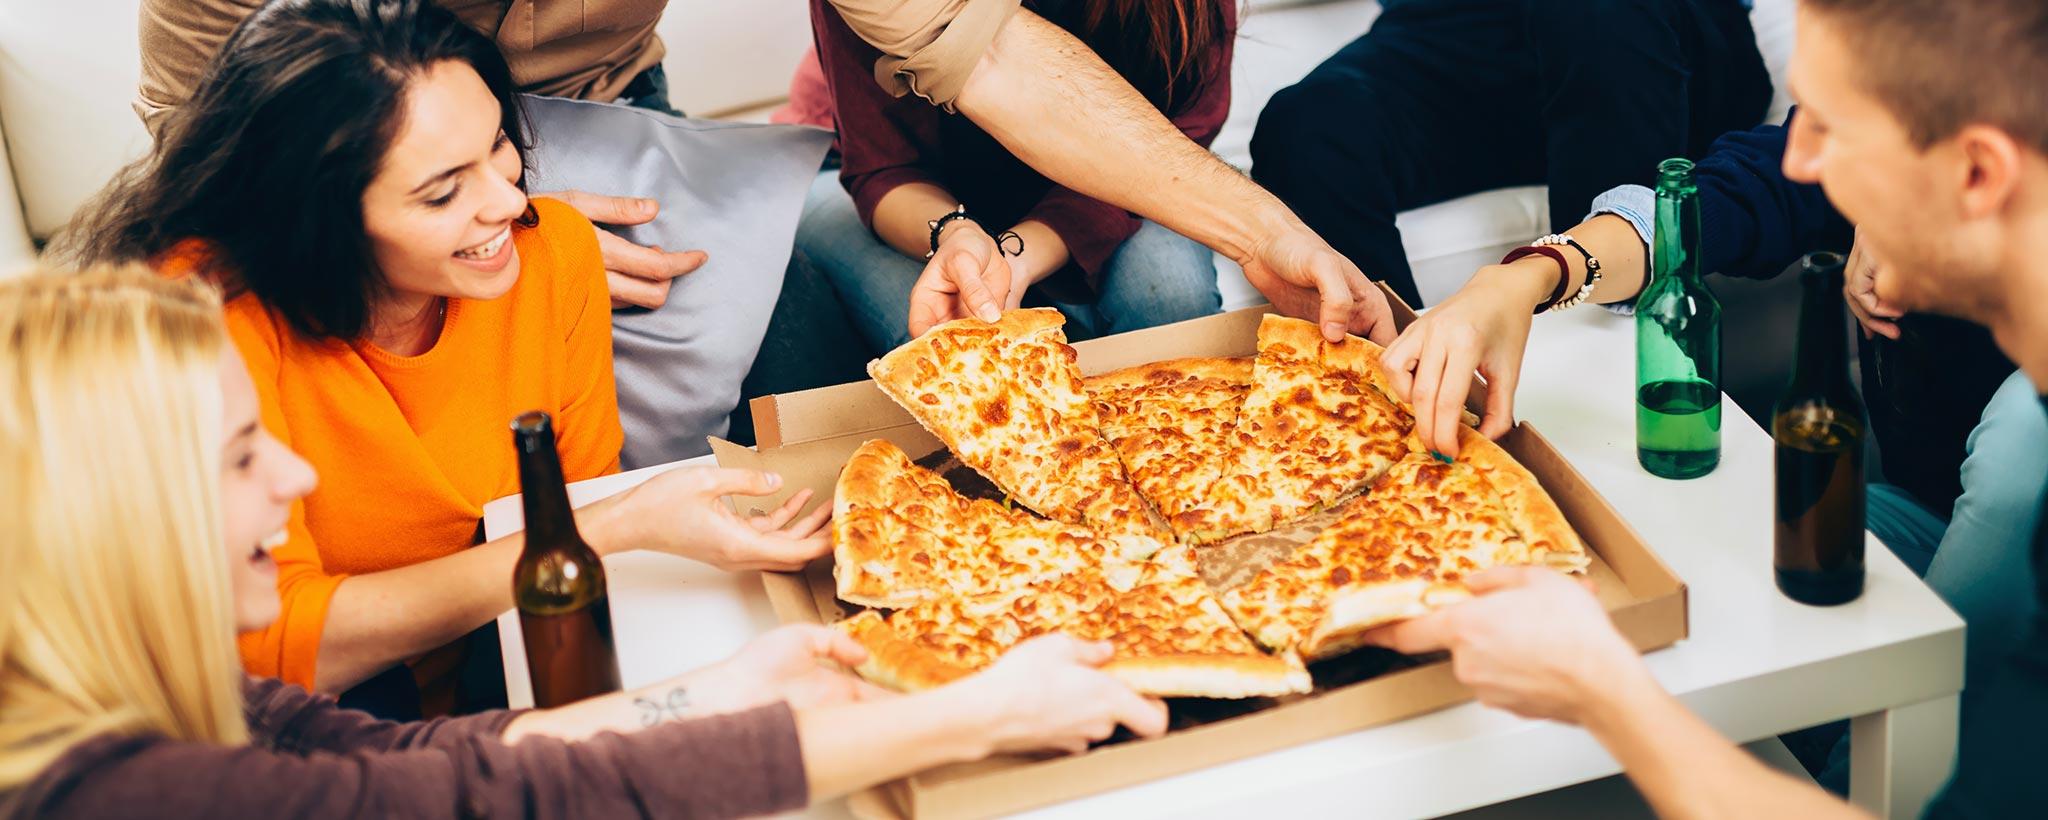 polkrys - rtm opakowania - opakowania jednorazowe, kartony do pizzy, opakowania do cukierni, tacki papierowe, talerze papierowe, opakowania gastronomiczne, nadruki indywidualne